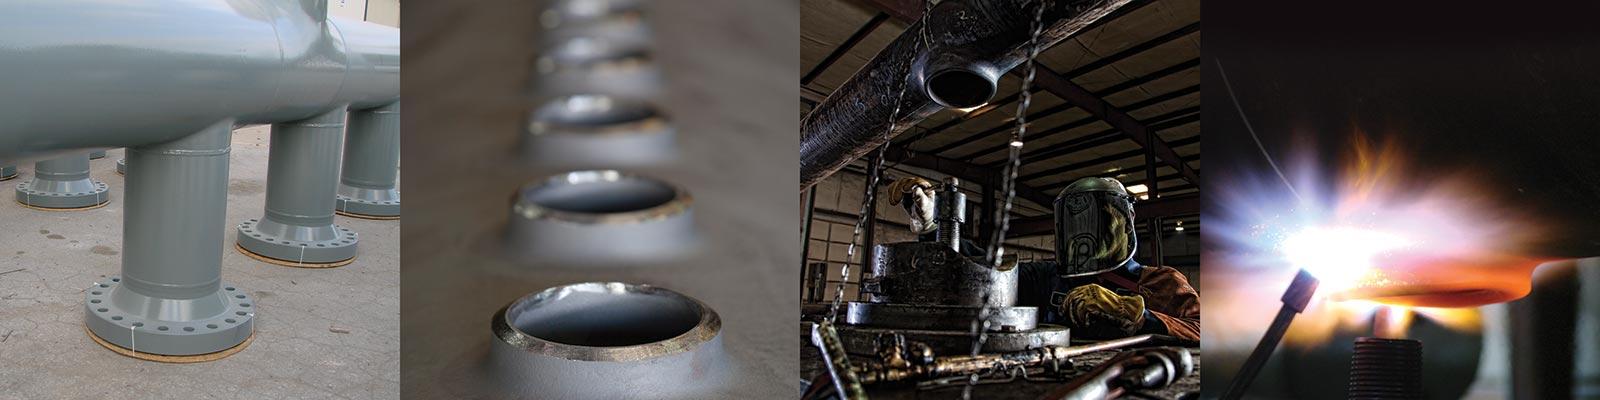 Pipeline Equipment: Extrusion